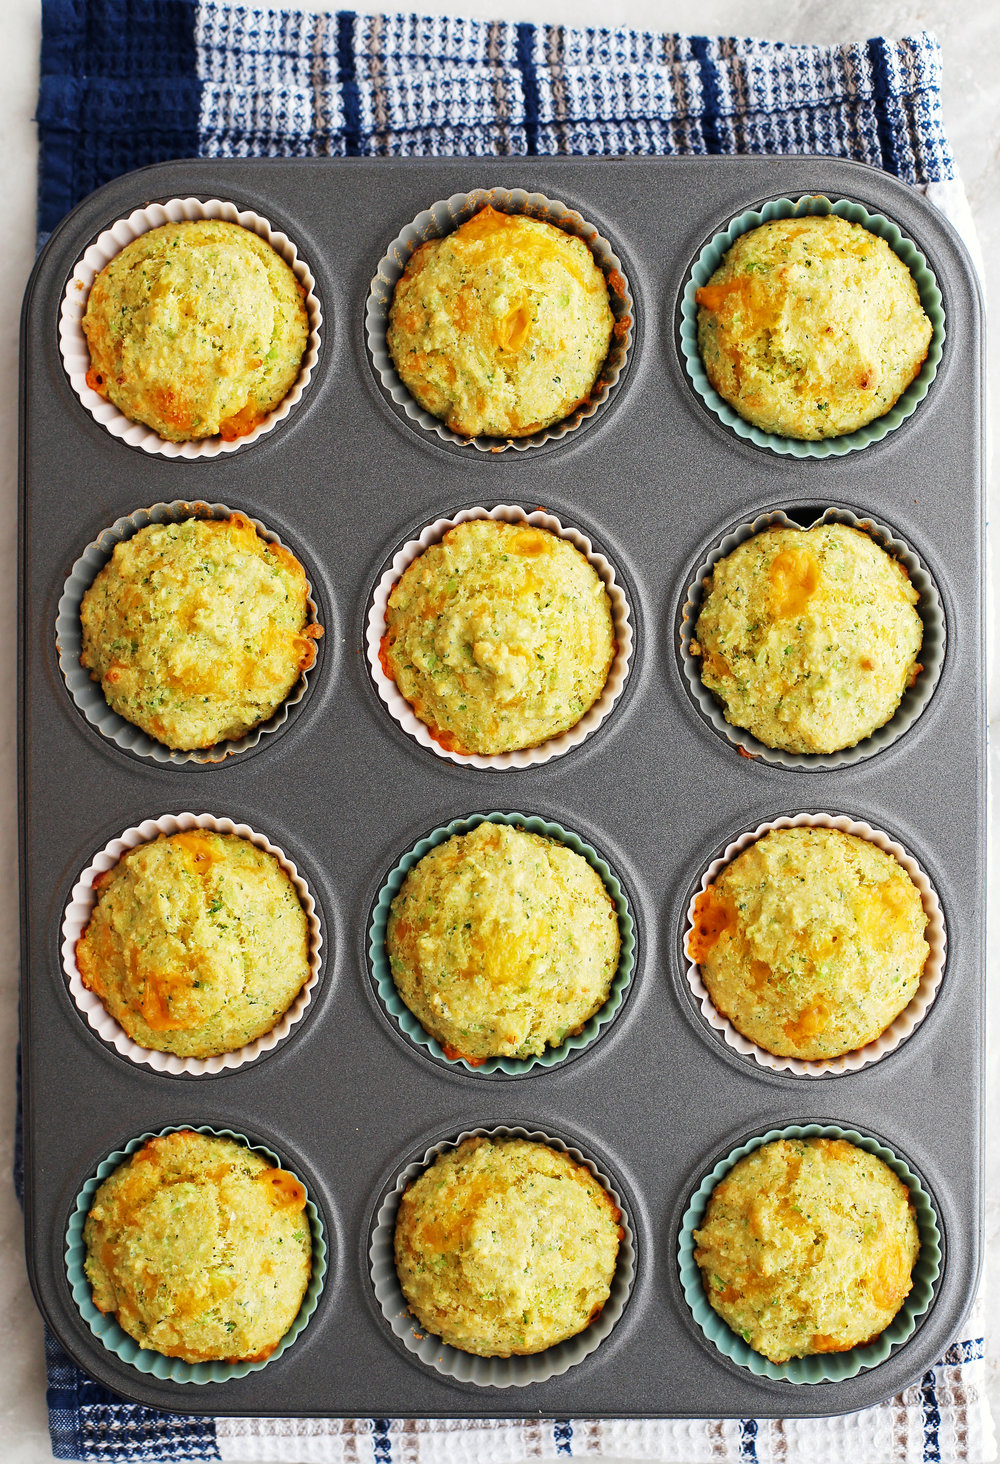 Twelve Broccoli Cheddar Cornbread Muffins in a muffin pan.